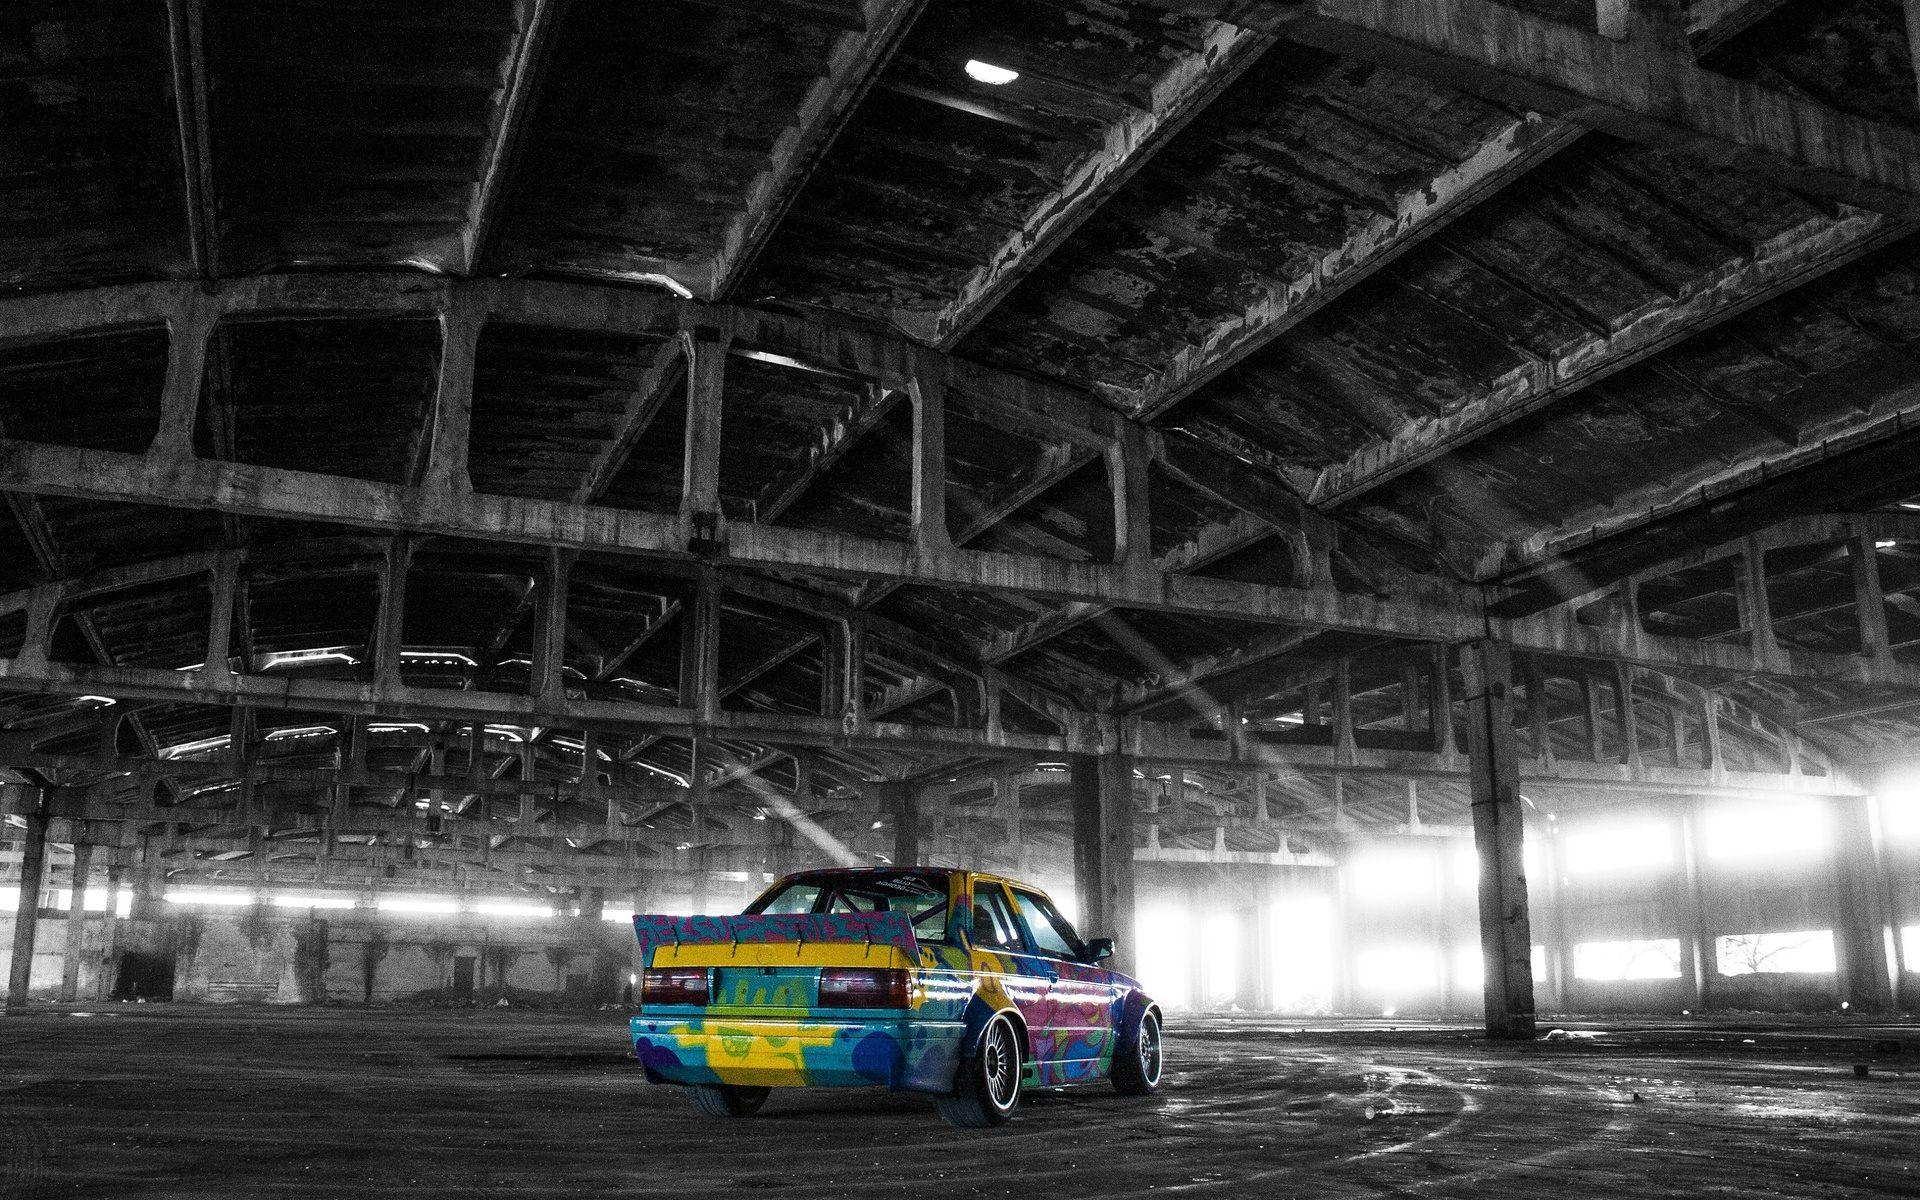 Bmw E30 Colored Wallpaper